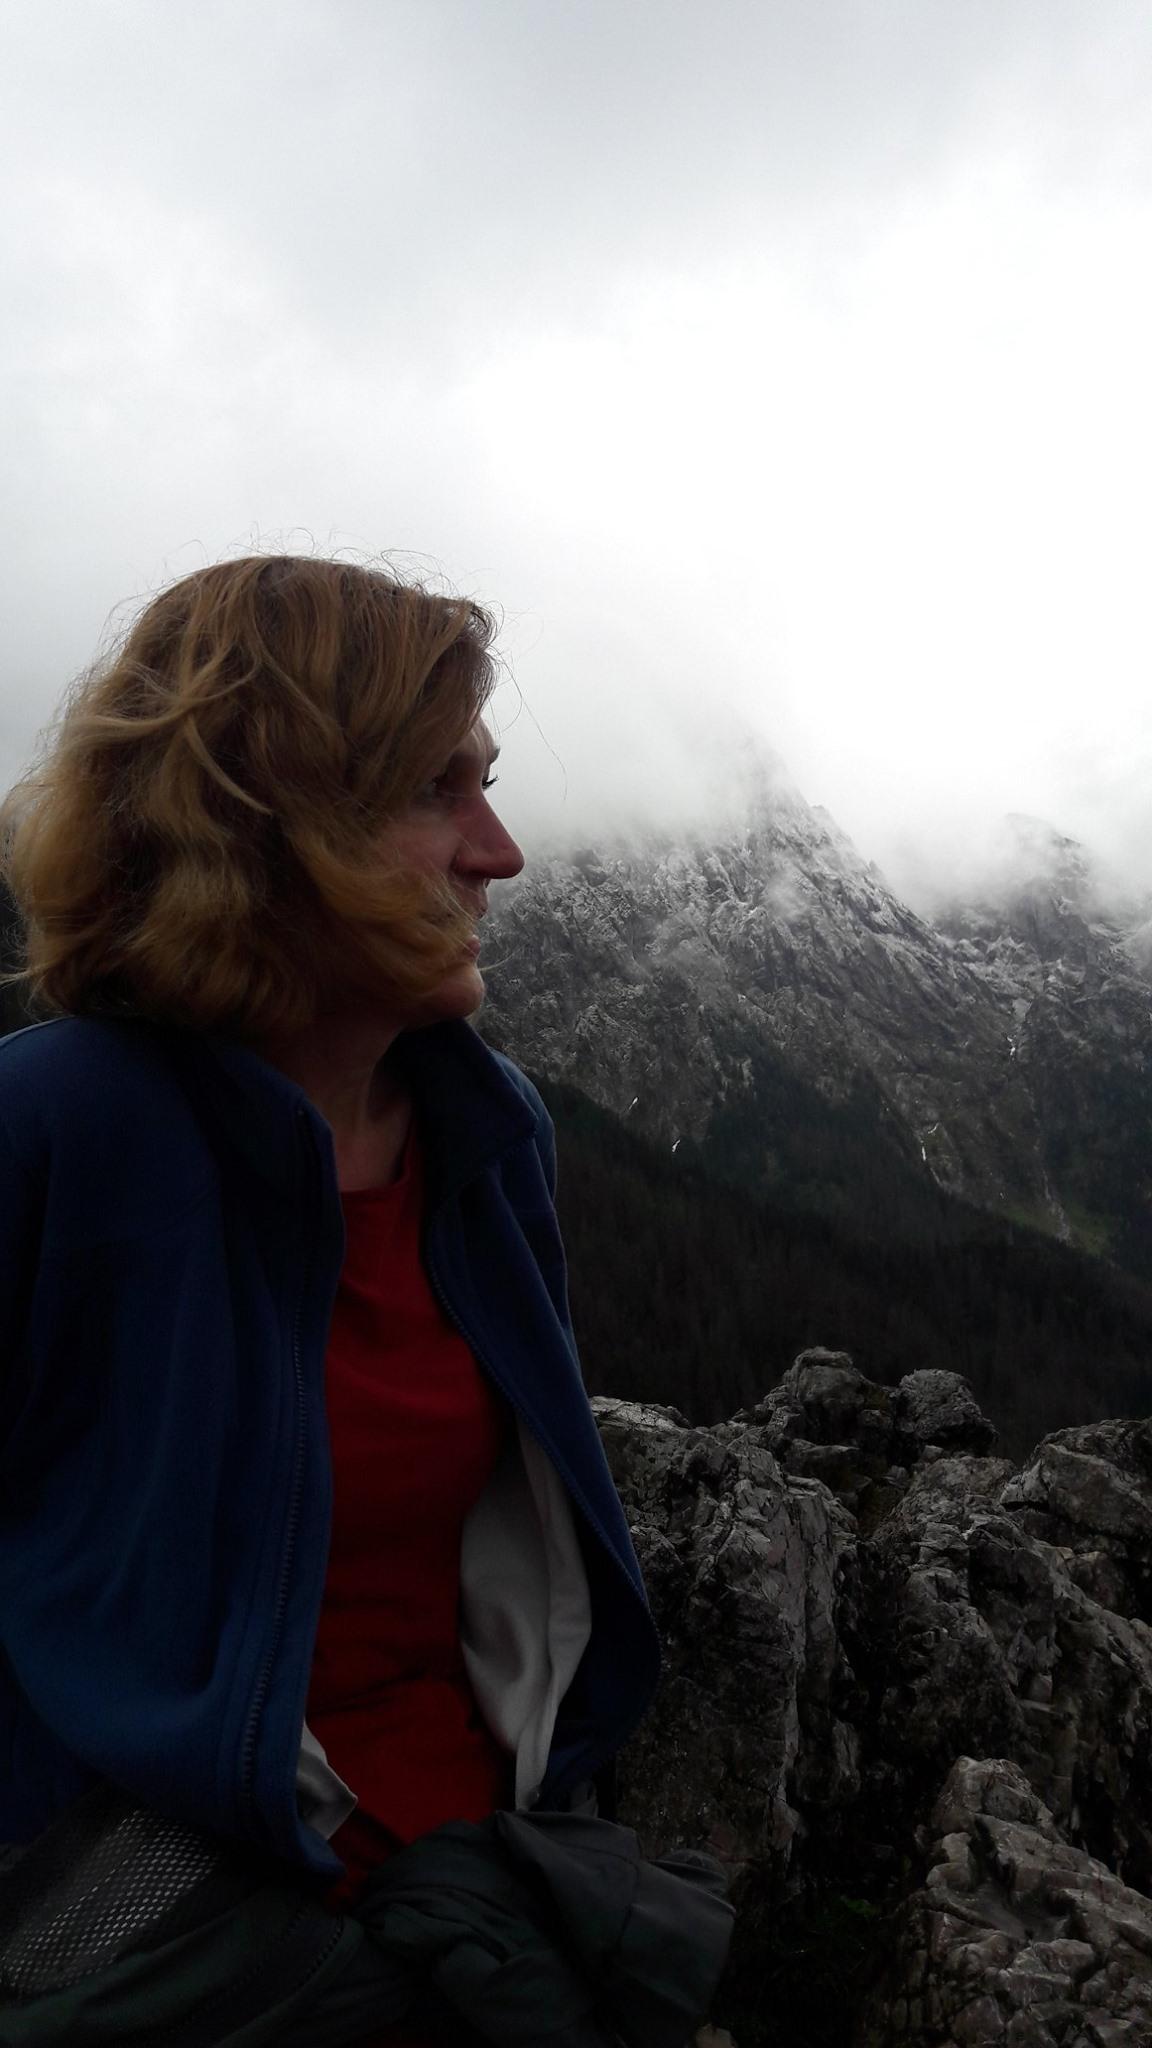 Publicystyka - Lubię stawiać bohaterów w sytuacjach granicznych. Wywiad z Magdaleną Zimniak